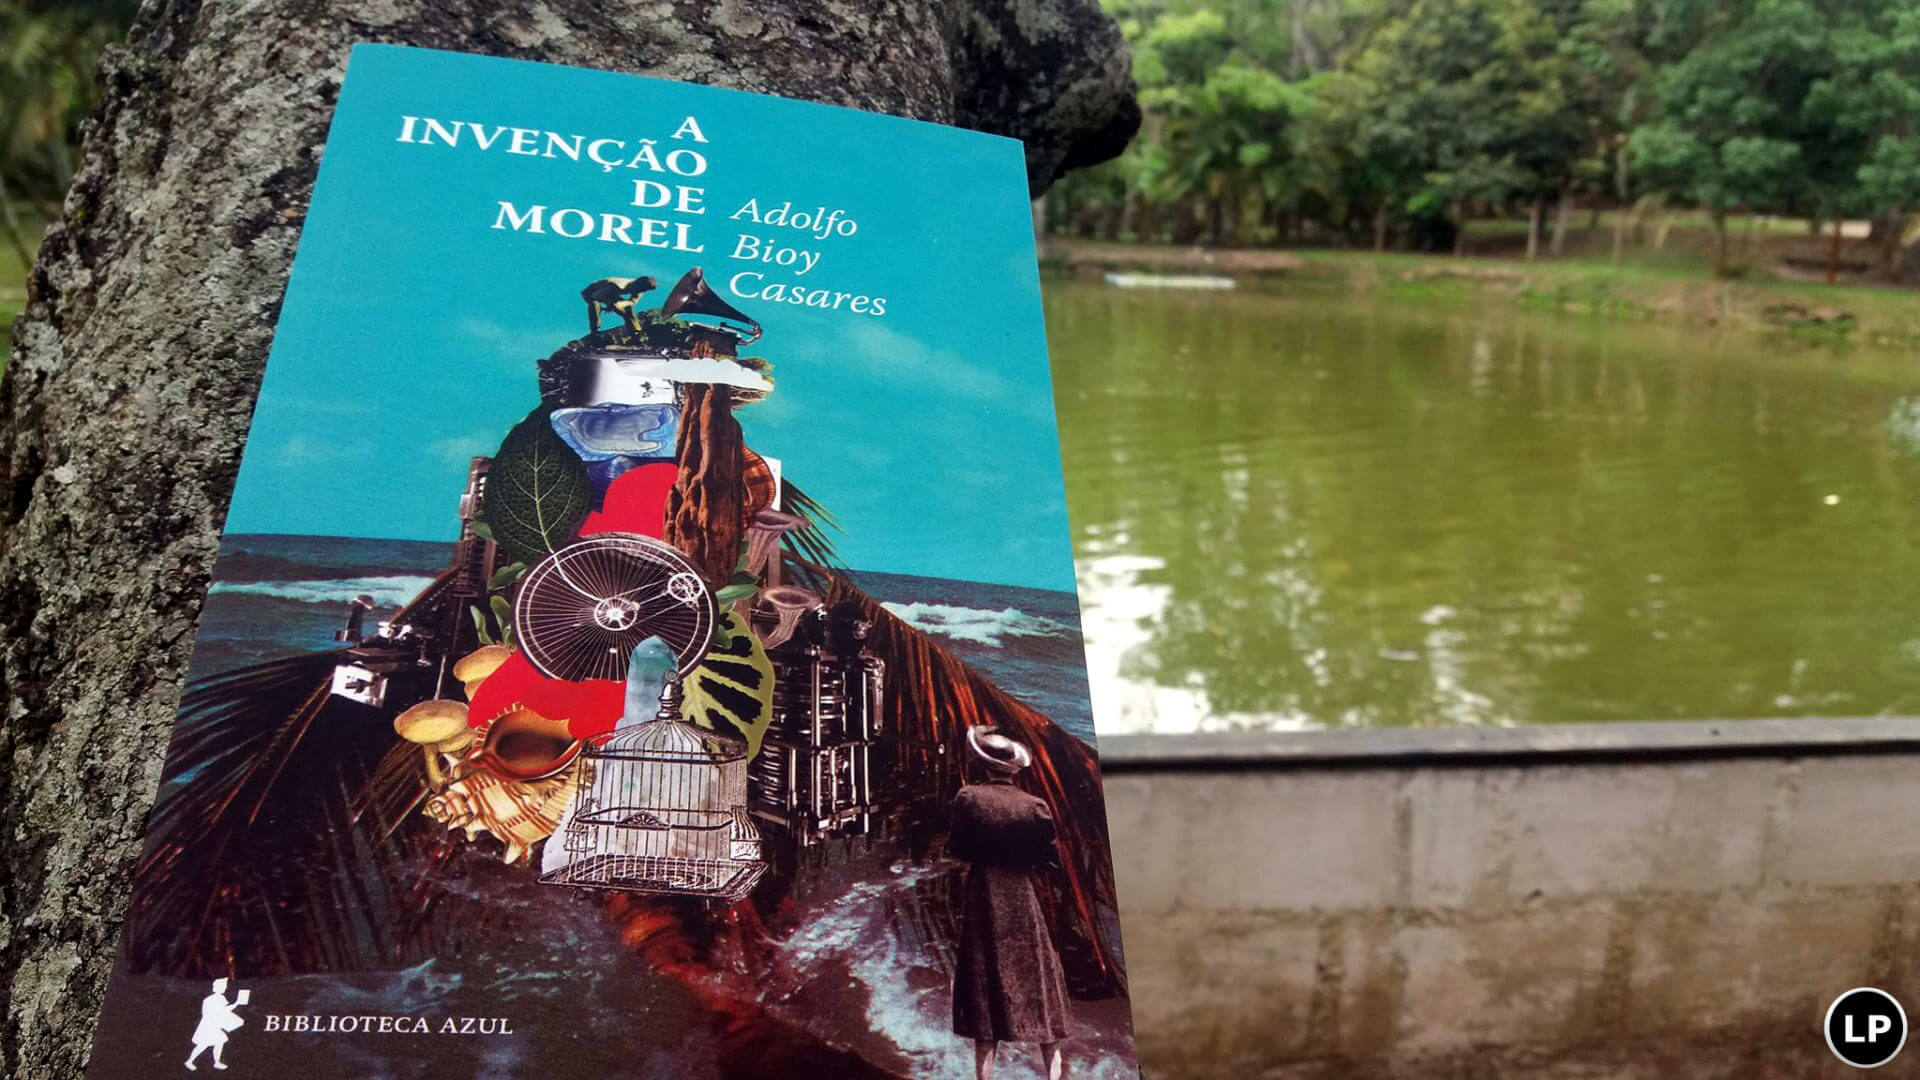 A invenção de Morel, de Adolfo Bioy Casares